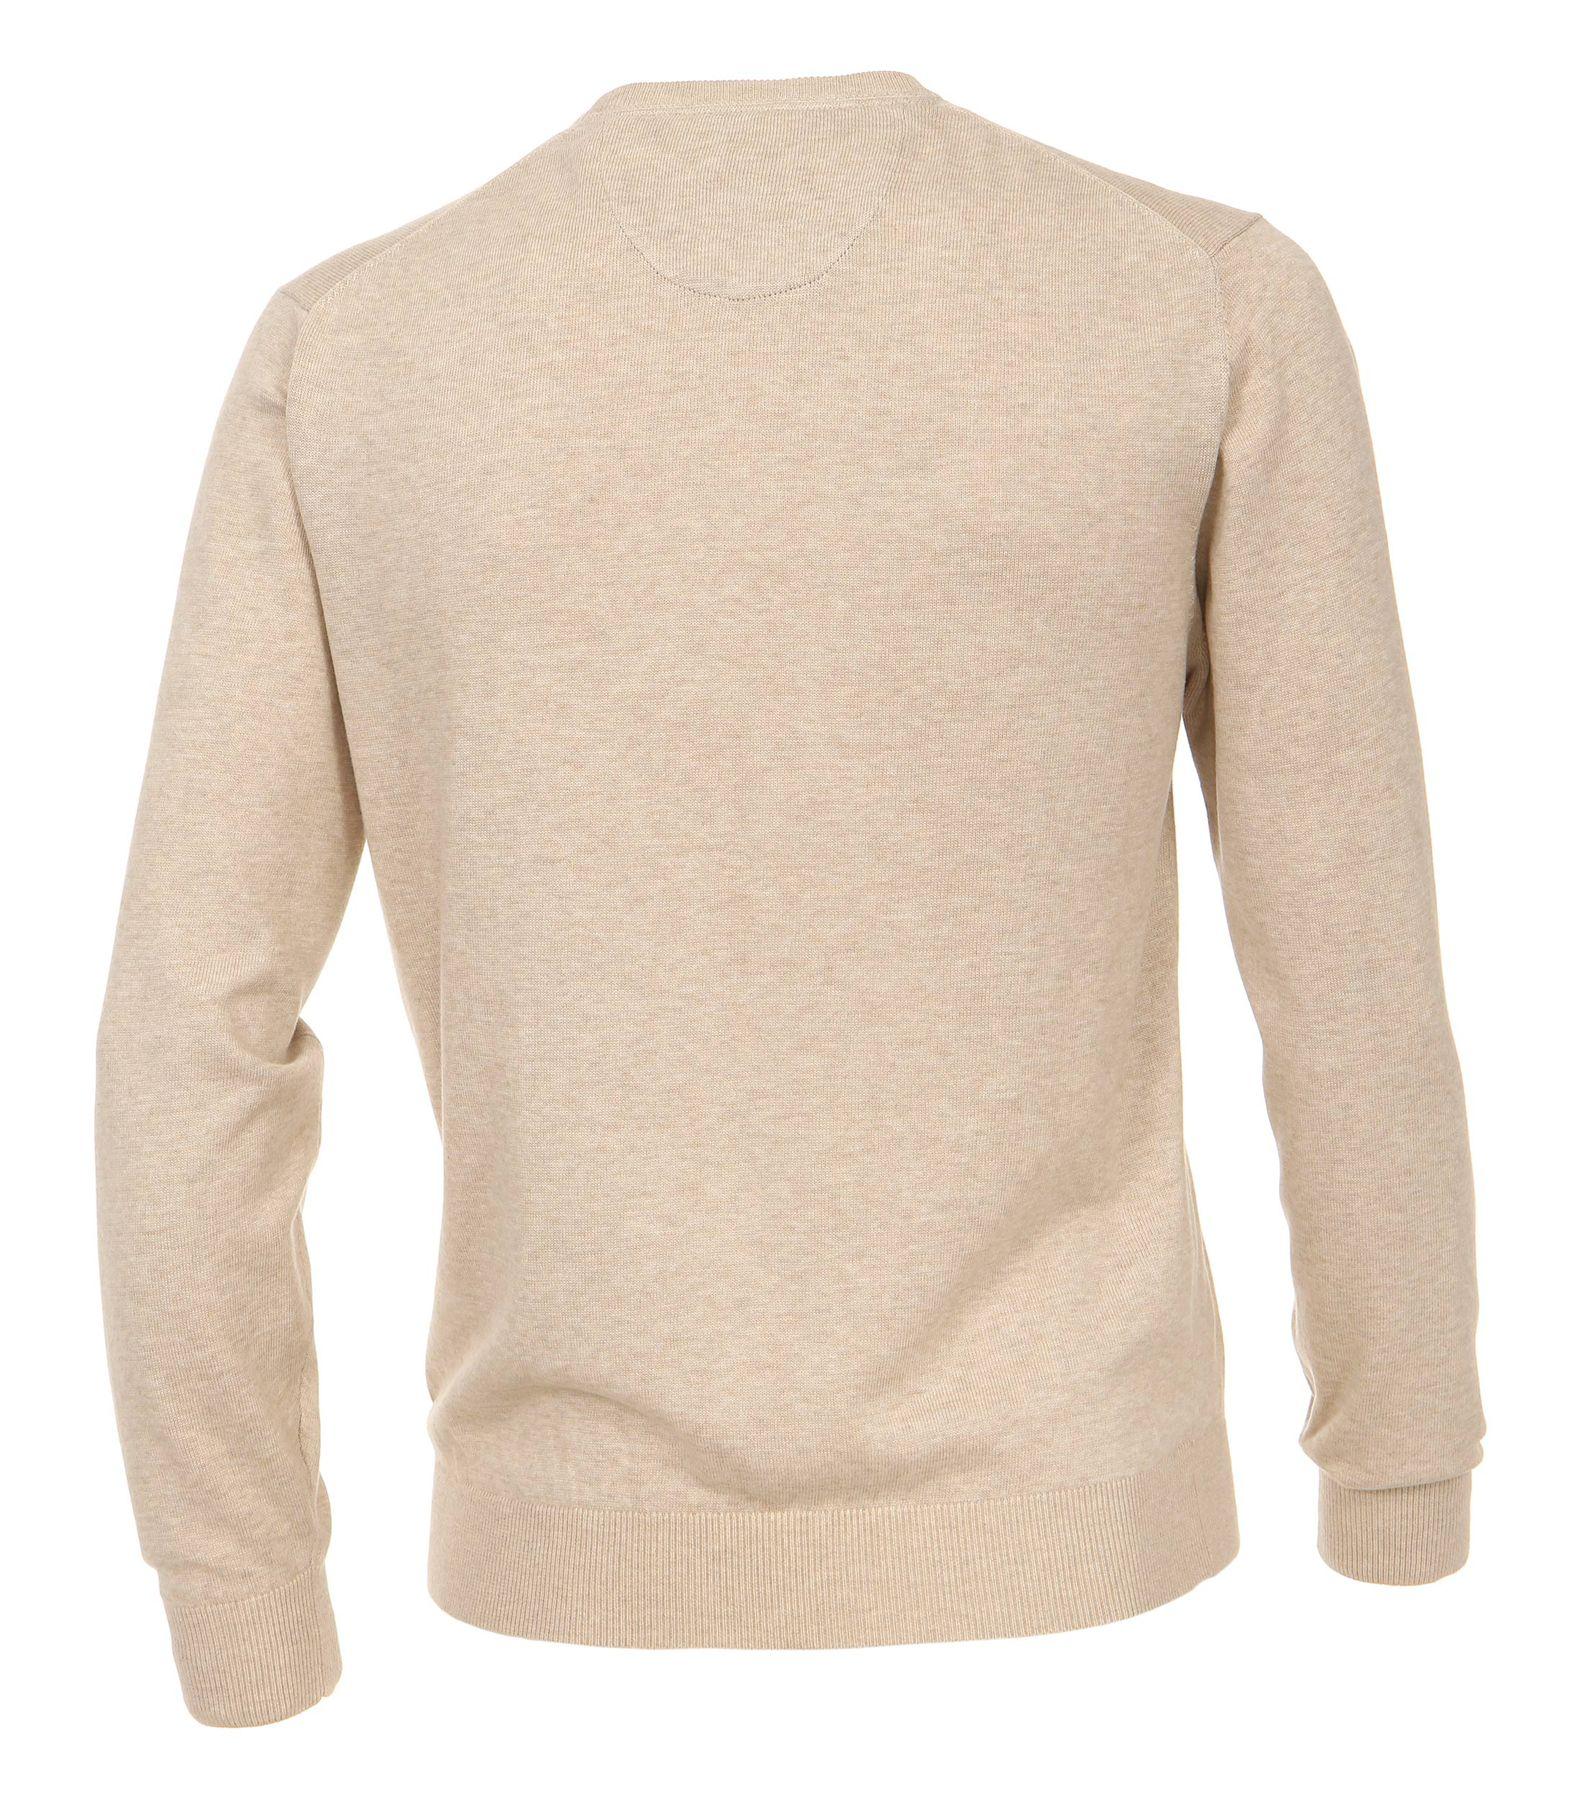 Casa Moda - Herren Pullover mit V-Ausschnitt in verschiedenen Farben (004130) – Bild 23